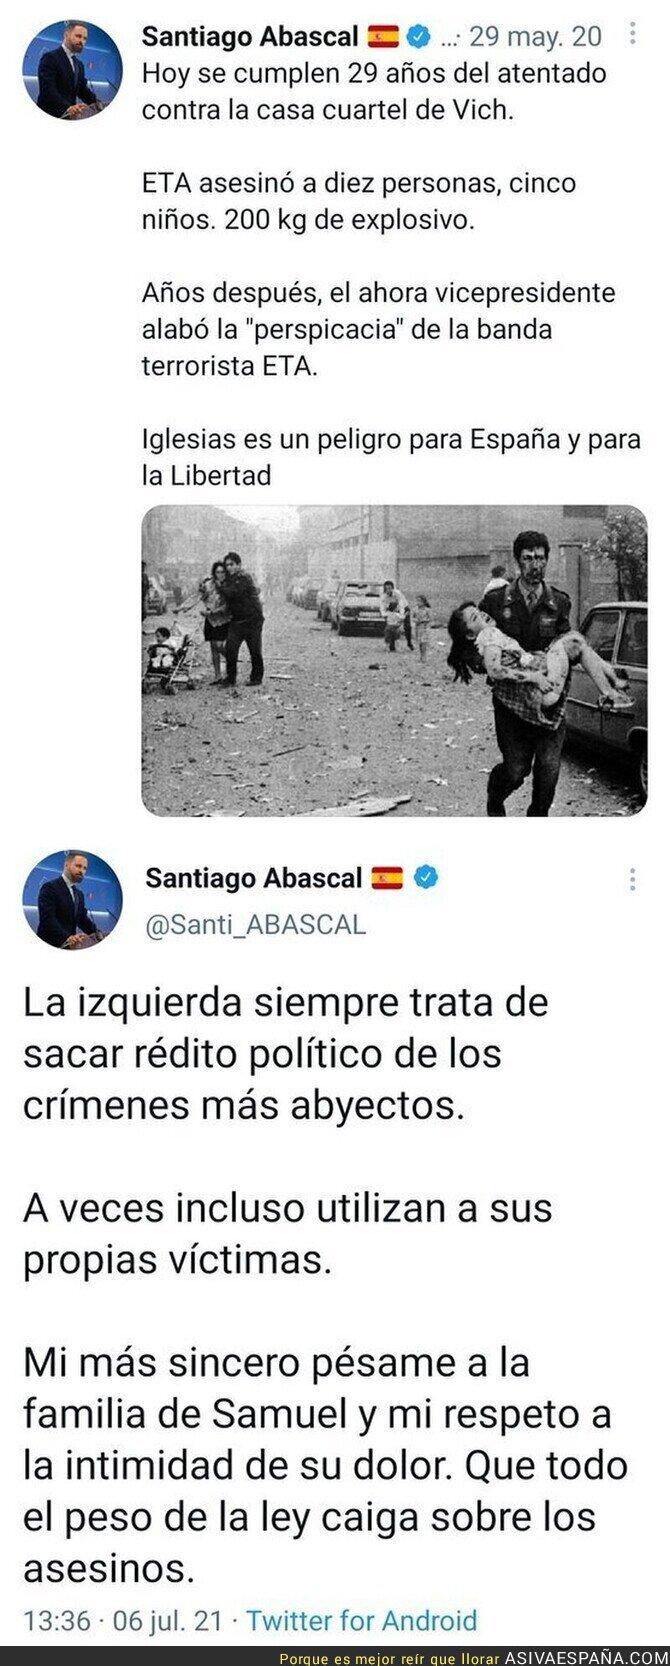 825284 - Así es la doble cara de Santiago Abascal y su doble rasero a la hora de hablar sobre asesinatos